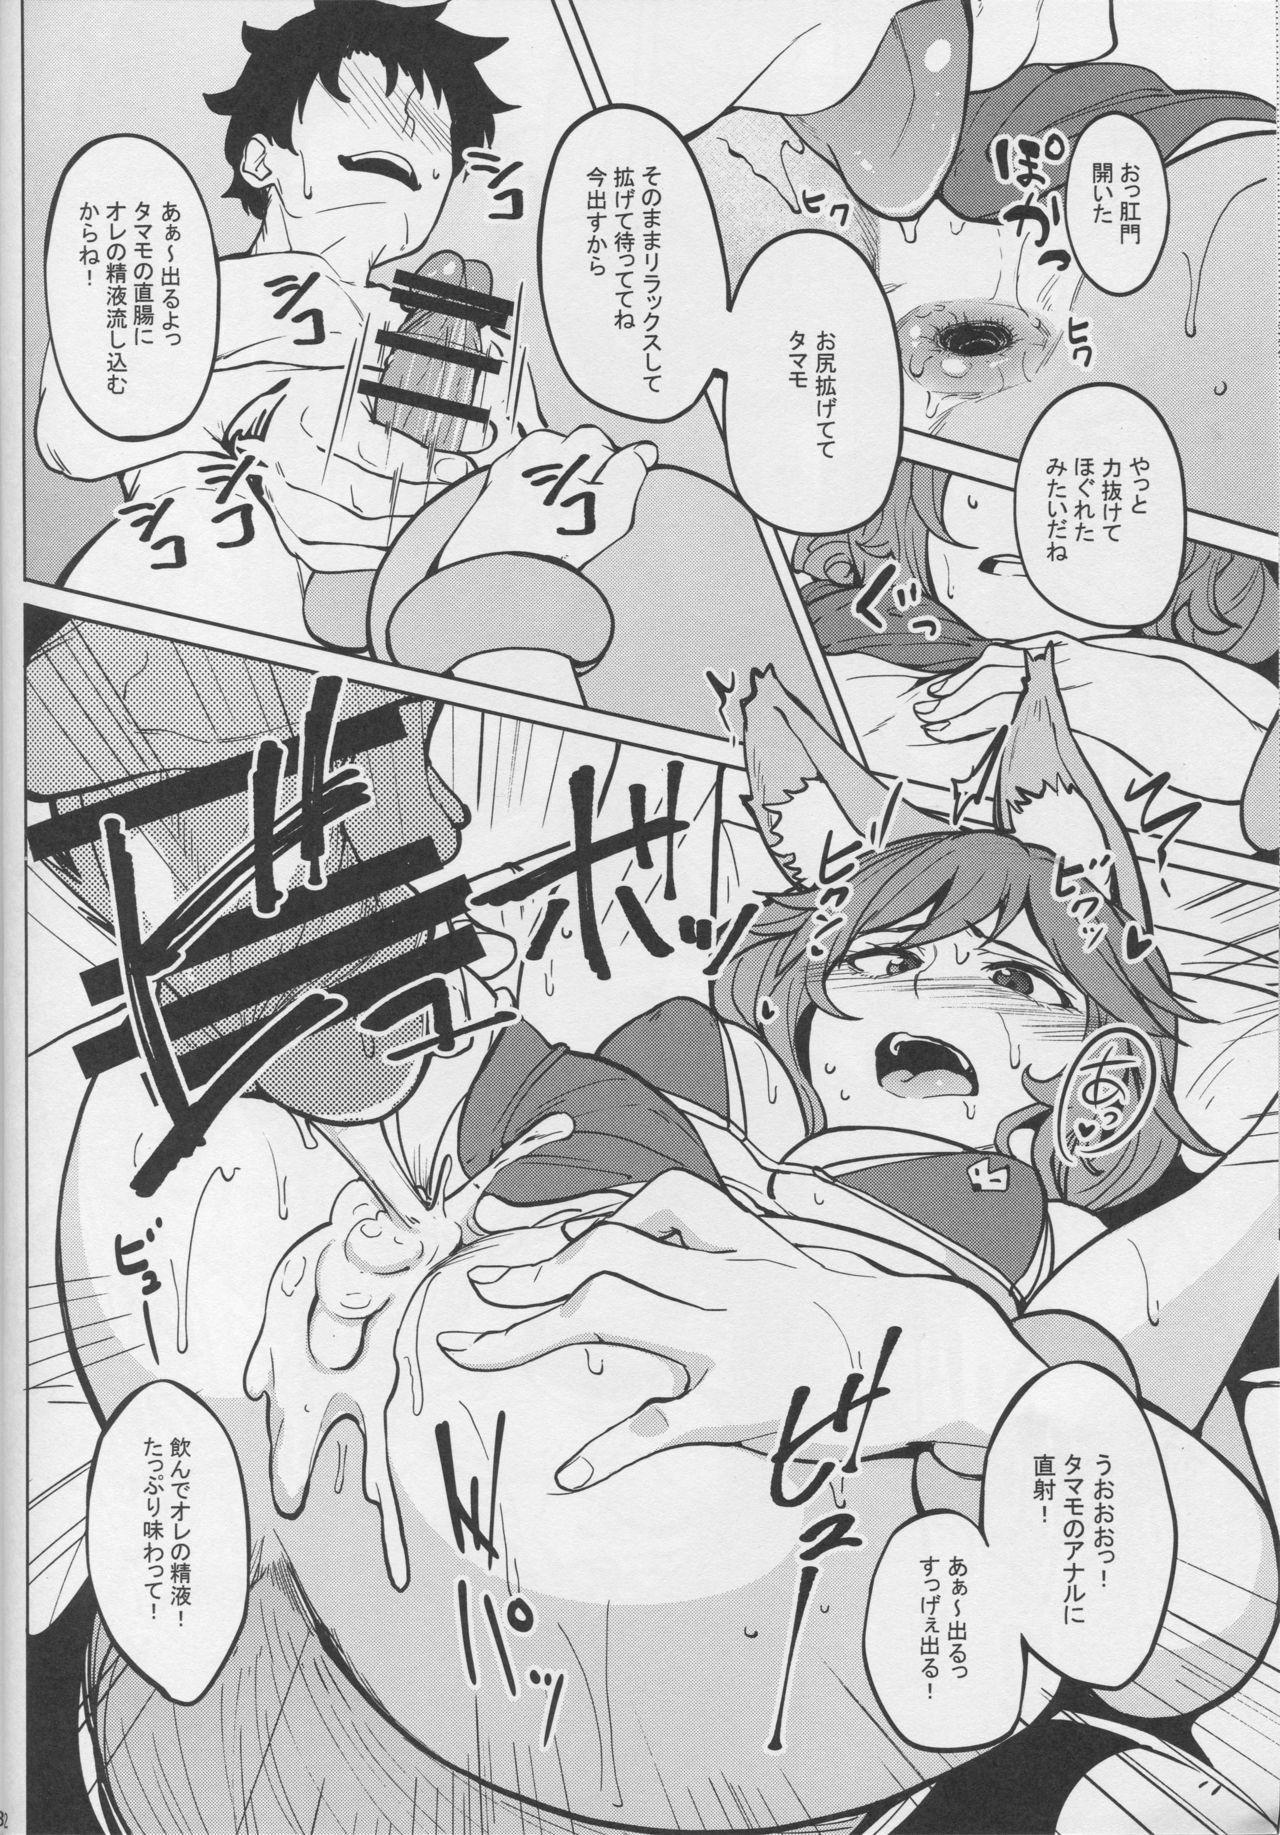 Tamamo no Ushiro 10